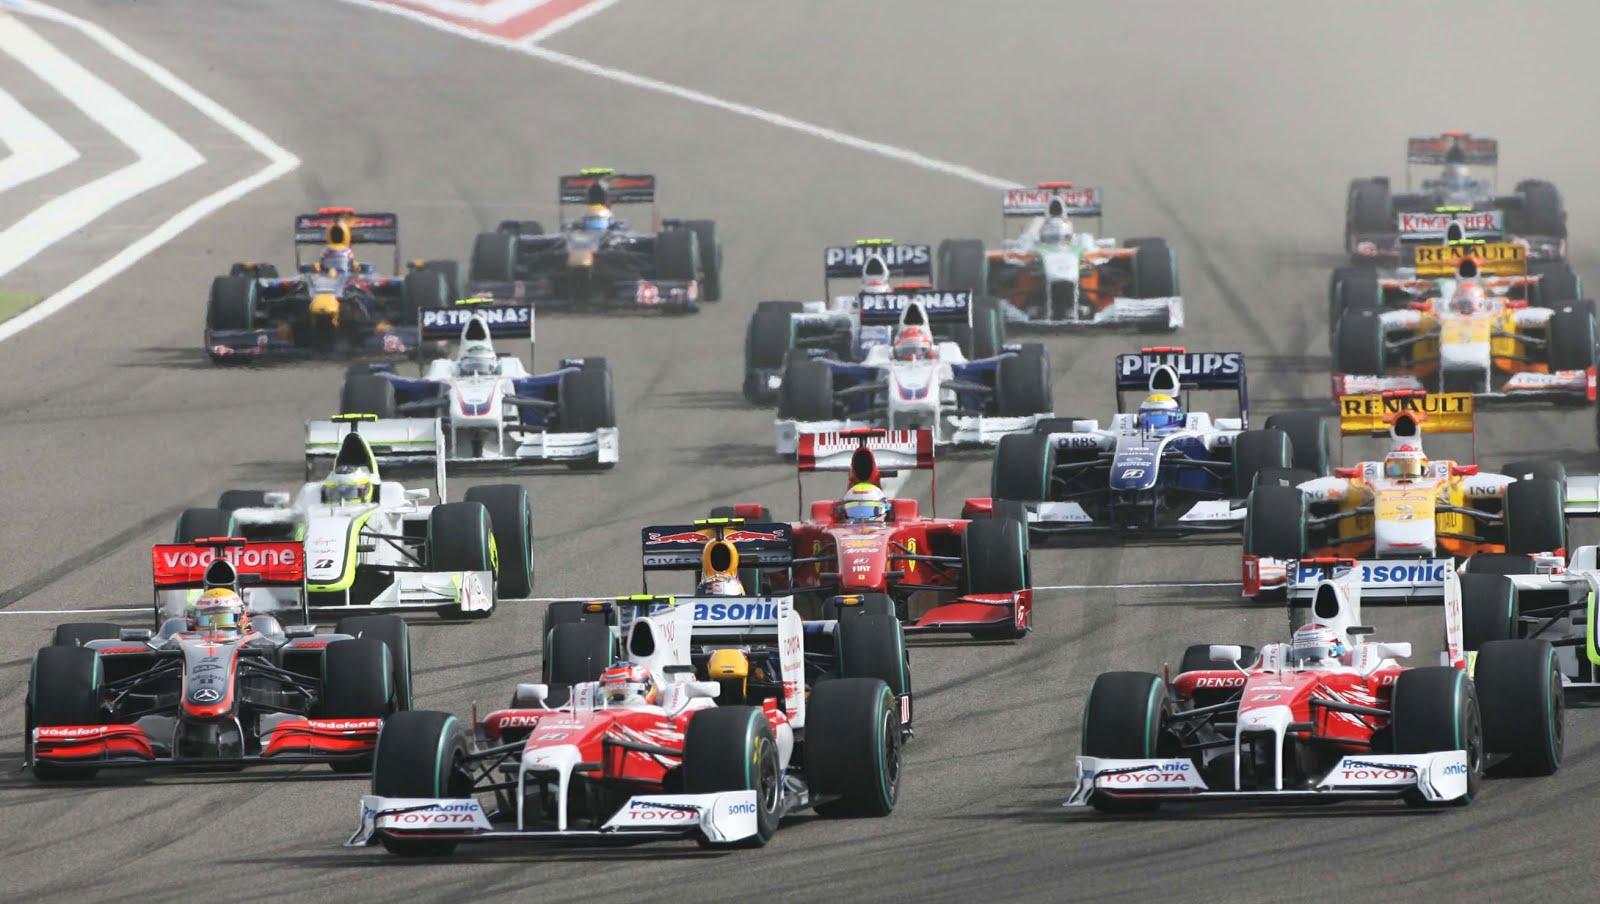 Jadwal Formula 1 Musim 2013 Lengkap